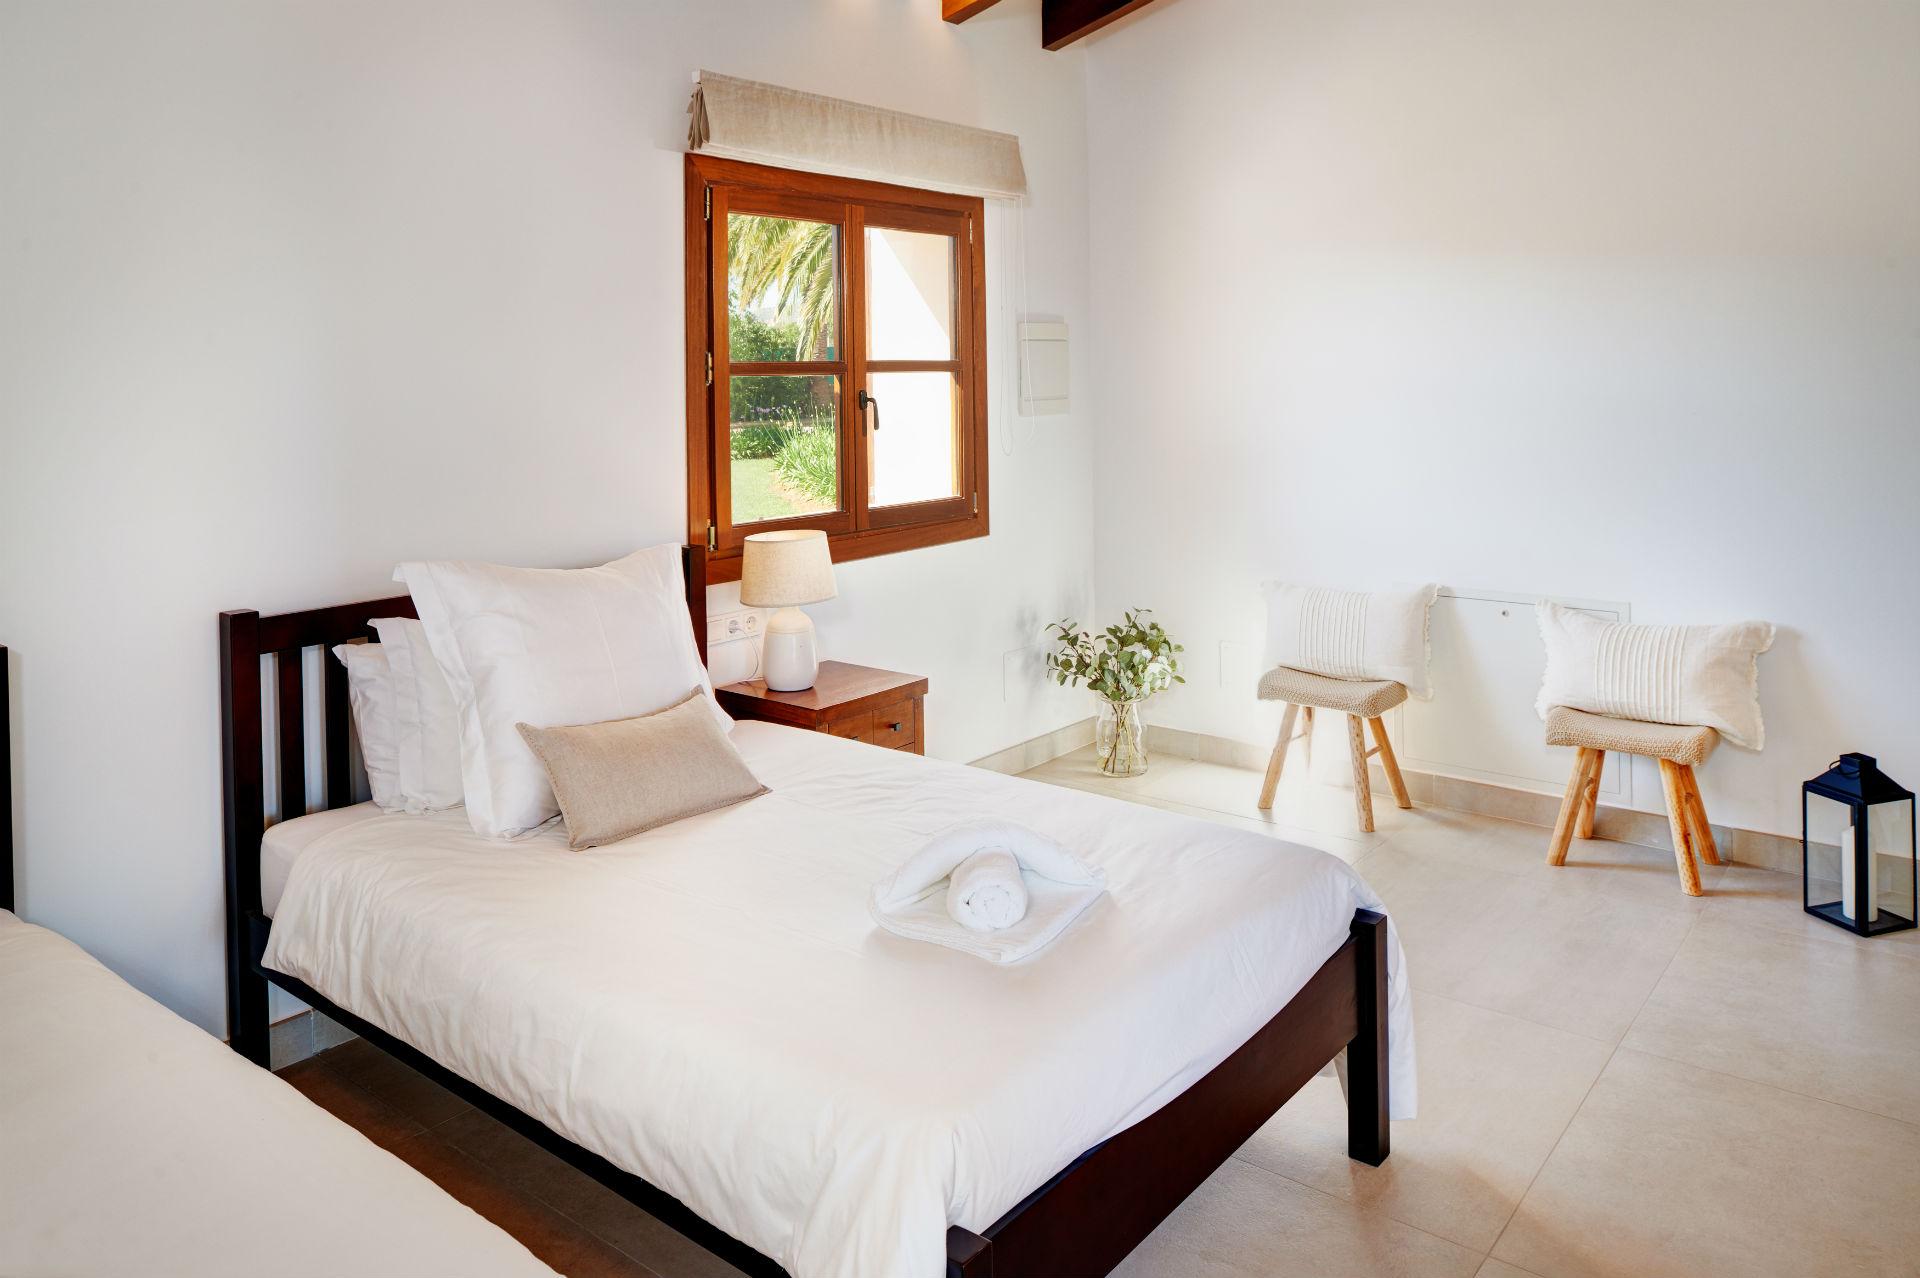 27 Casa Adrover Mondrago Room